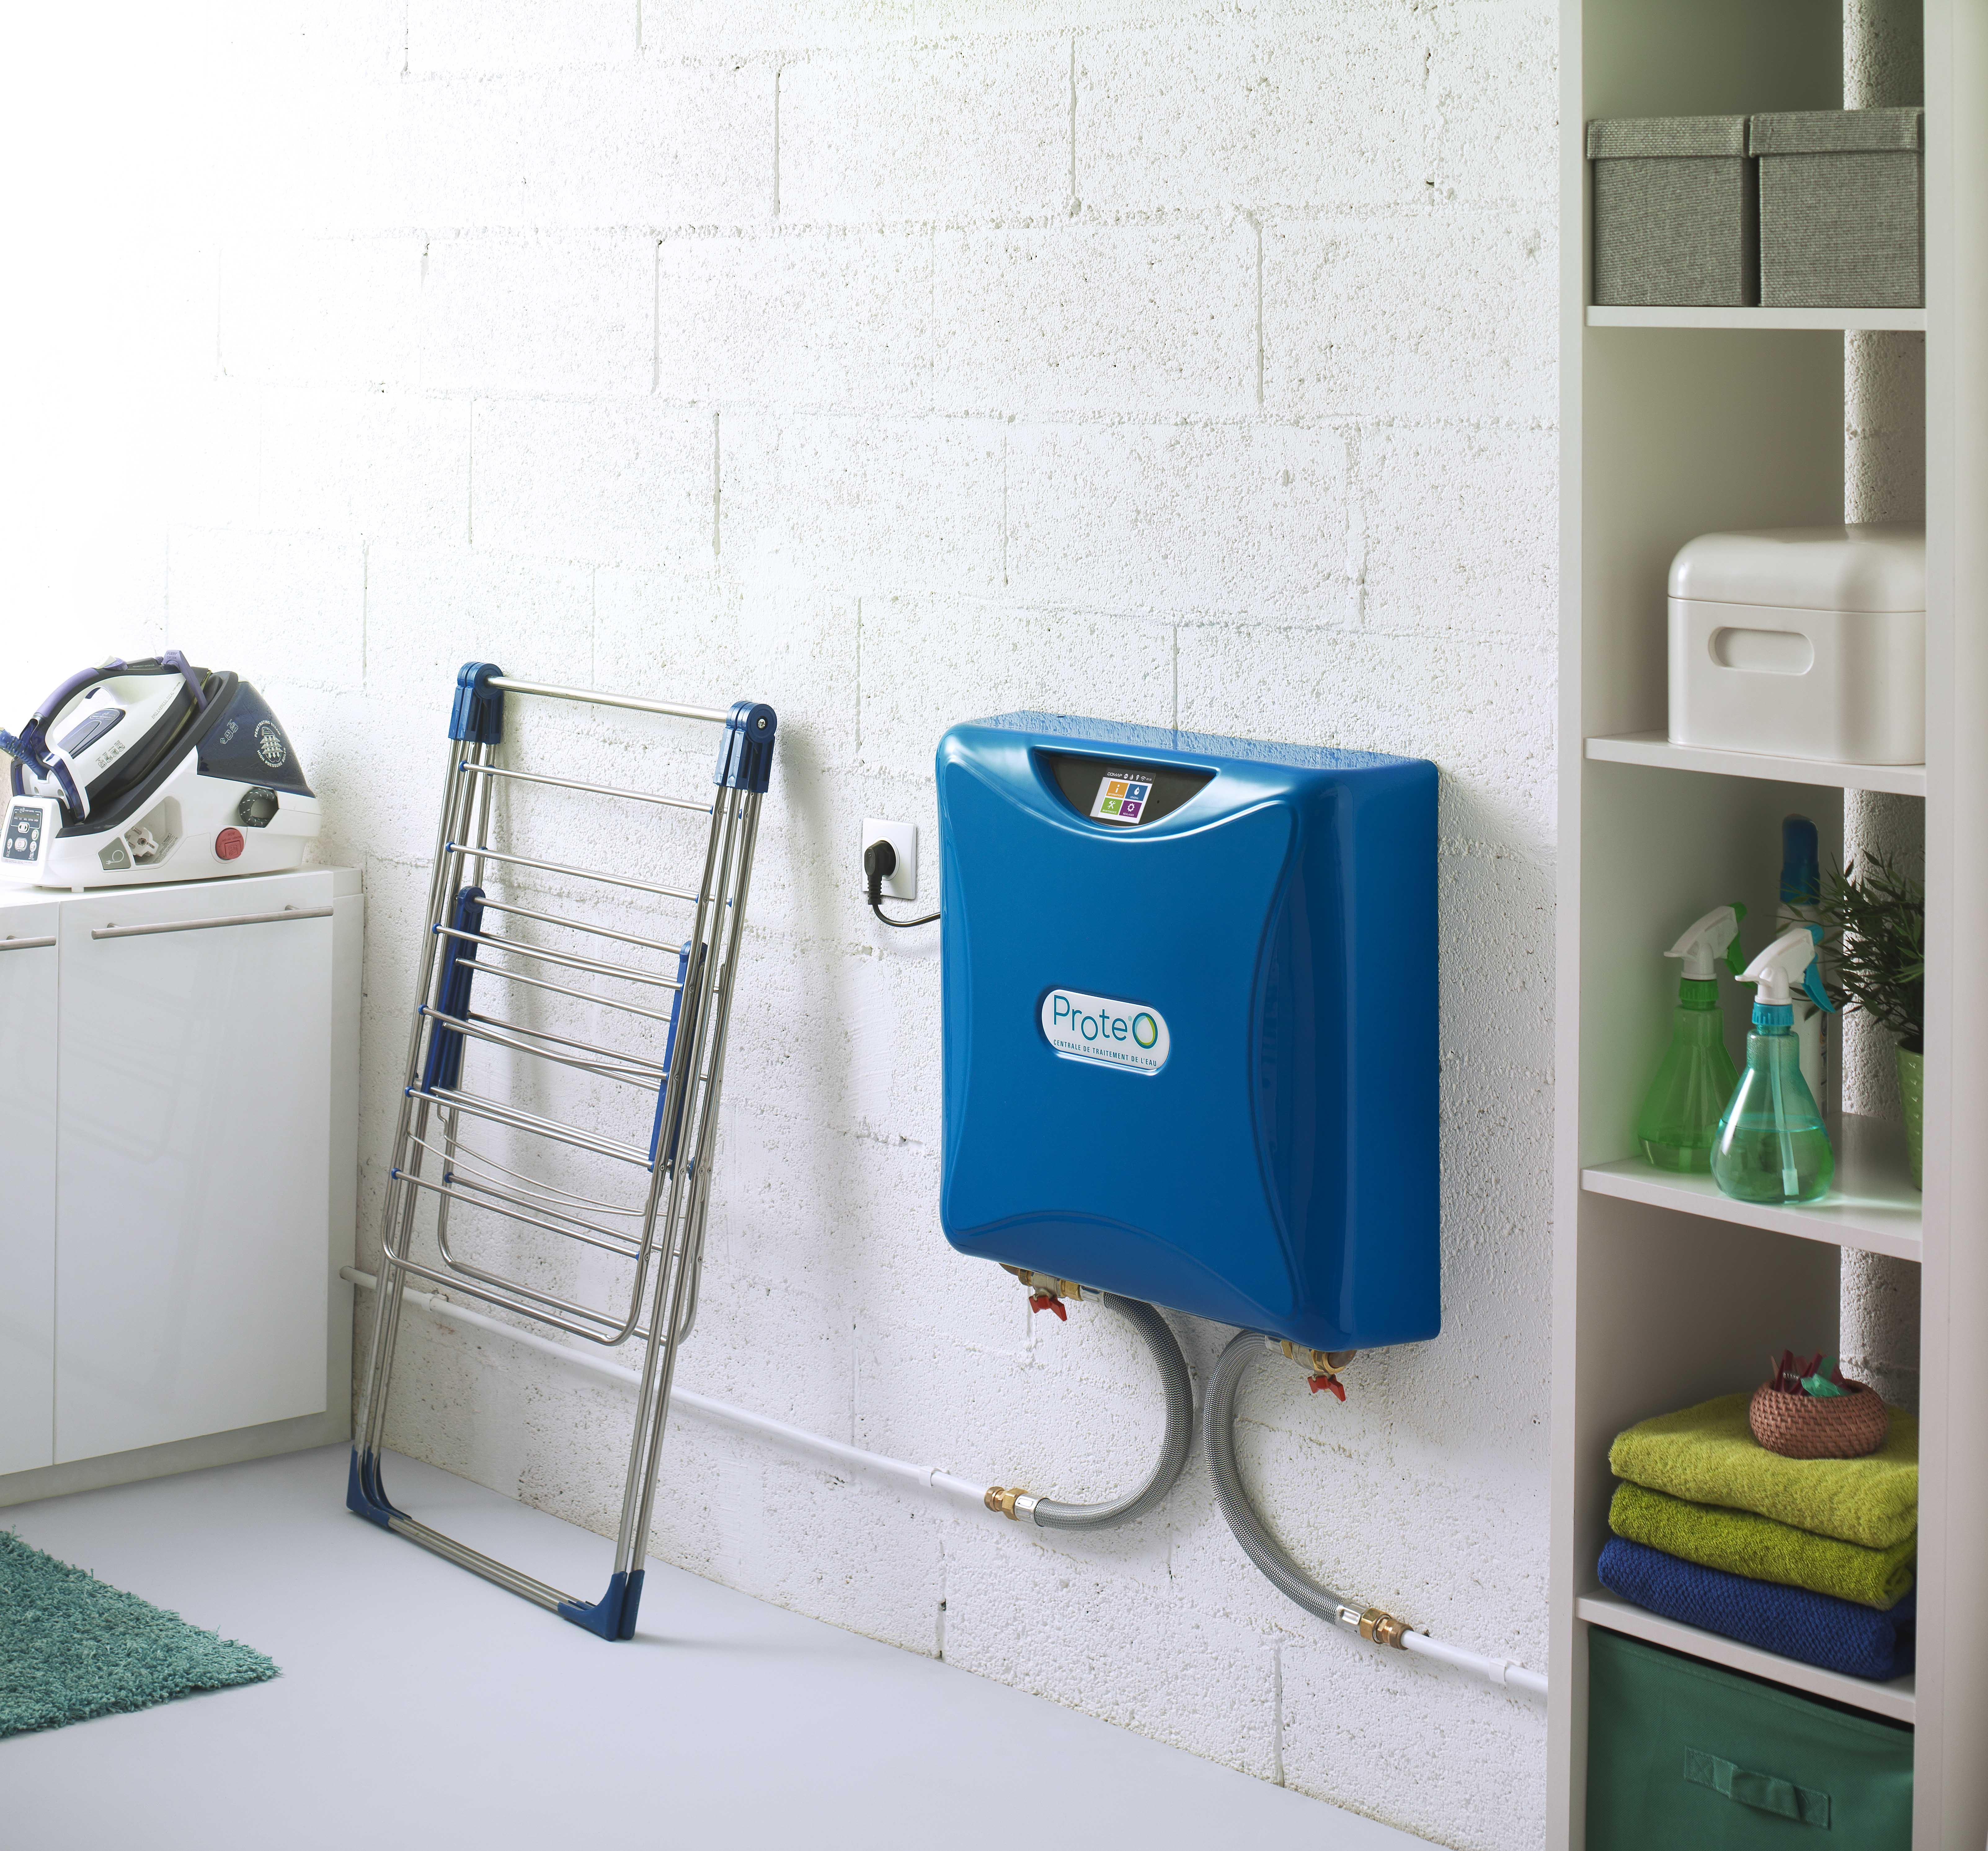 proteo de comap la centrale de traitement de l eau made. Black Bedroom Furniture Sets. Home Design Ideas